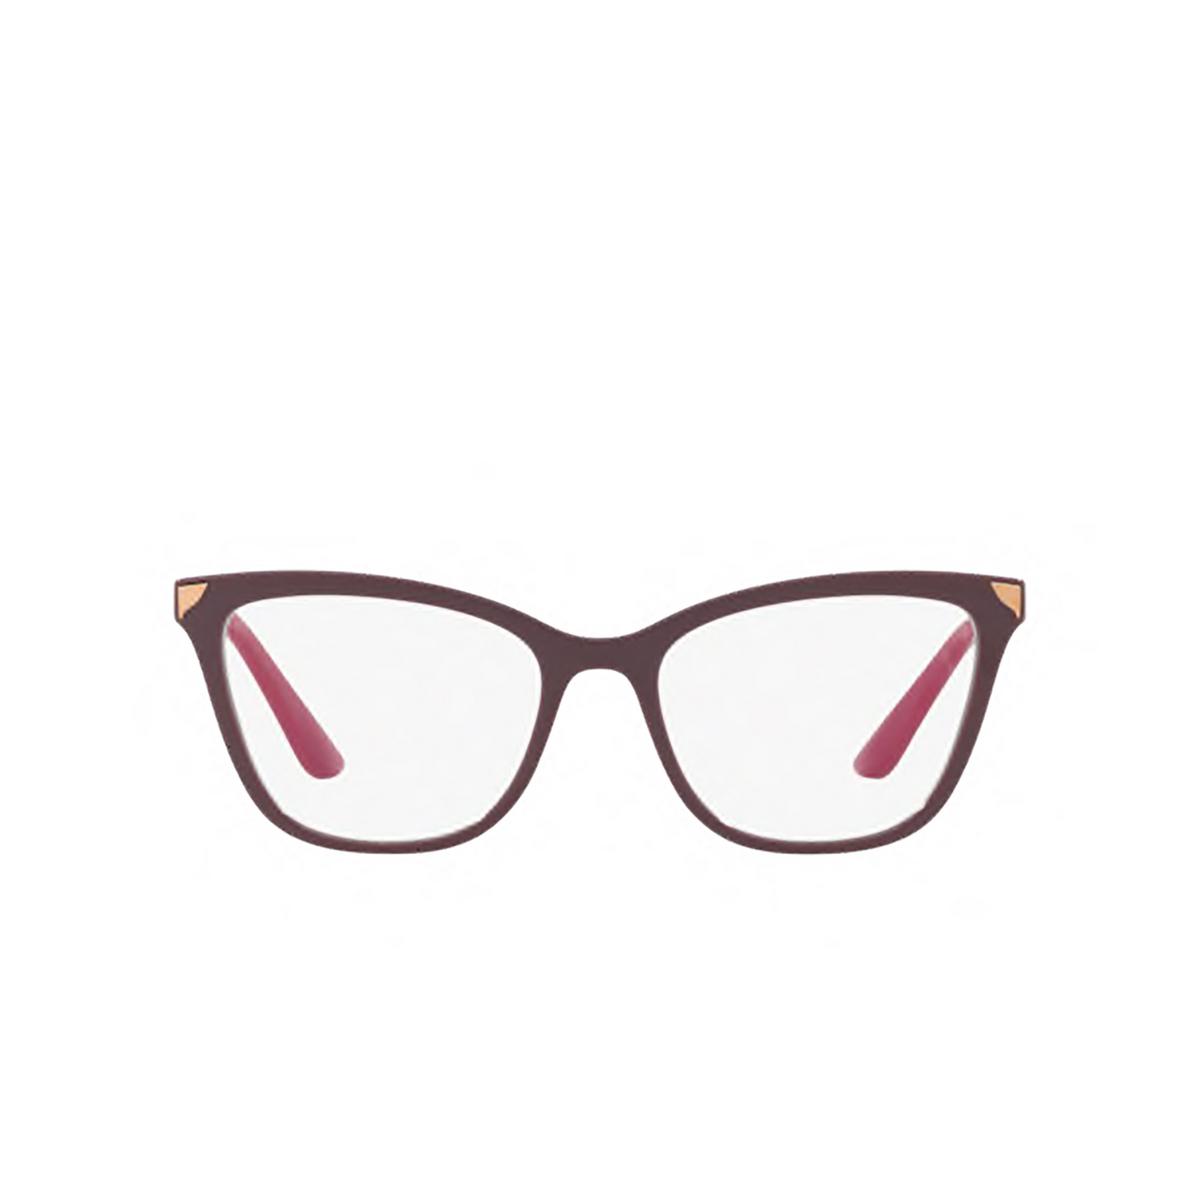 Vogue® Cat-eye Eyeglasses: VO5206 color Bordeaux 2597.